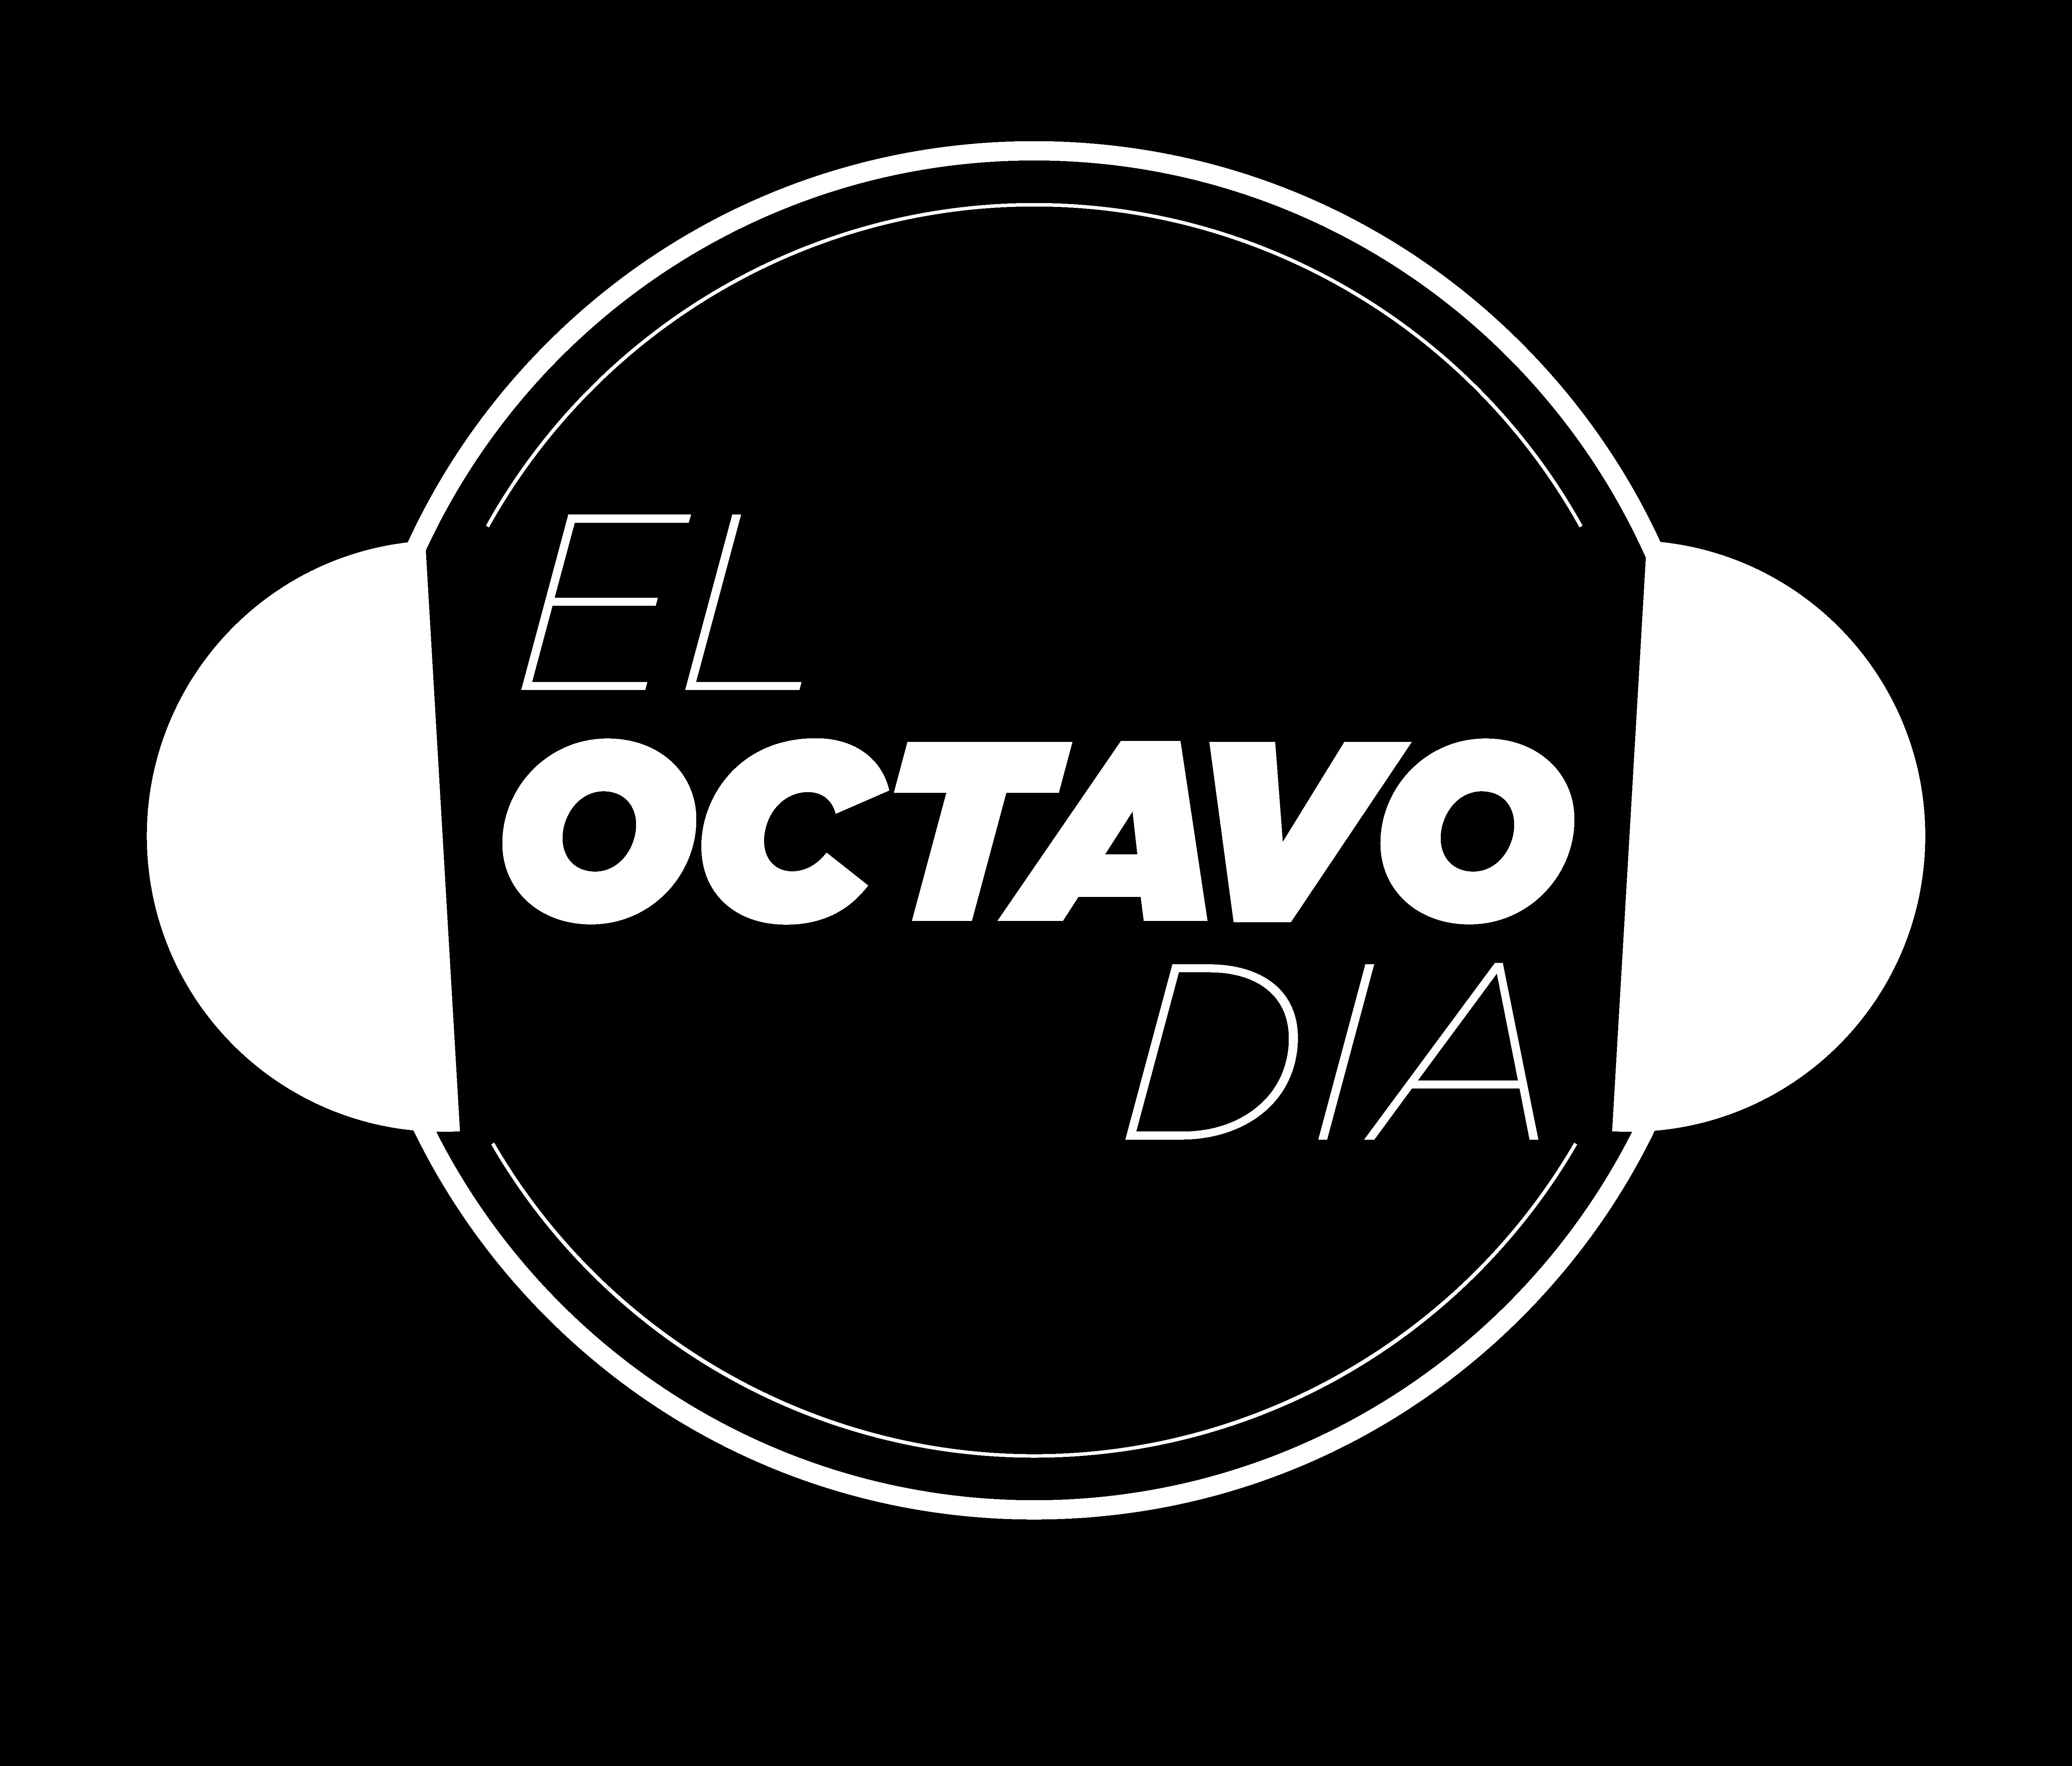 EL OCTAVO DIA